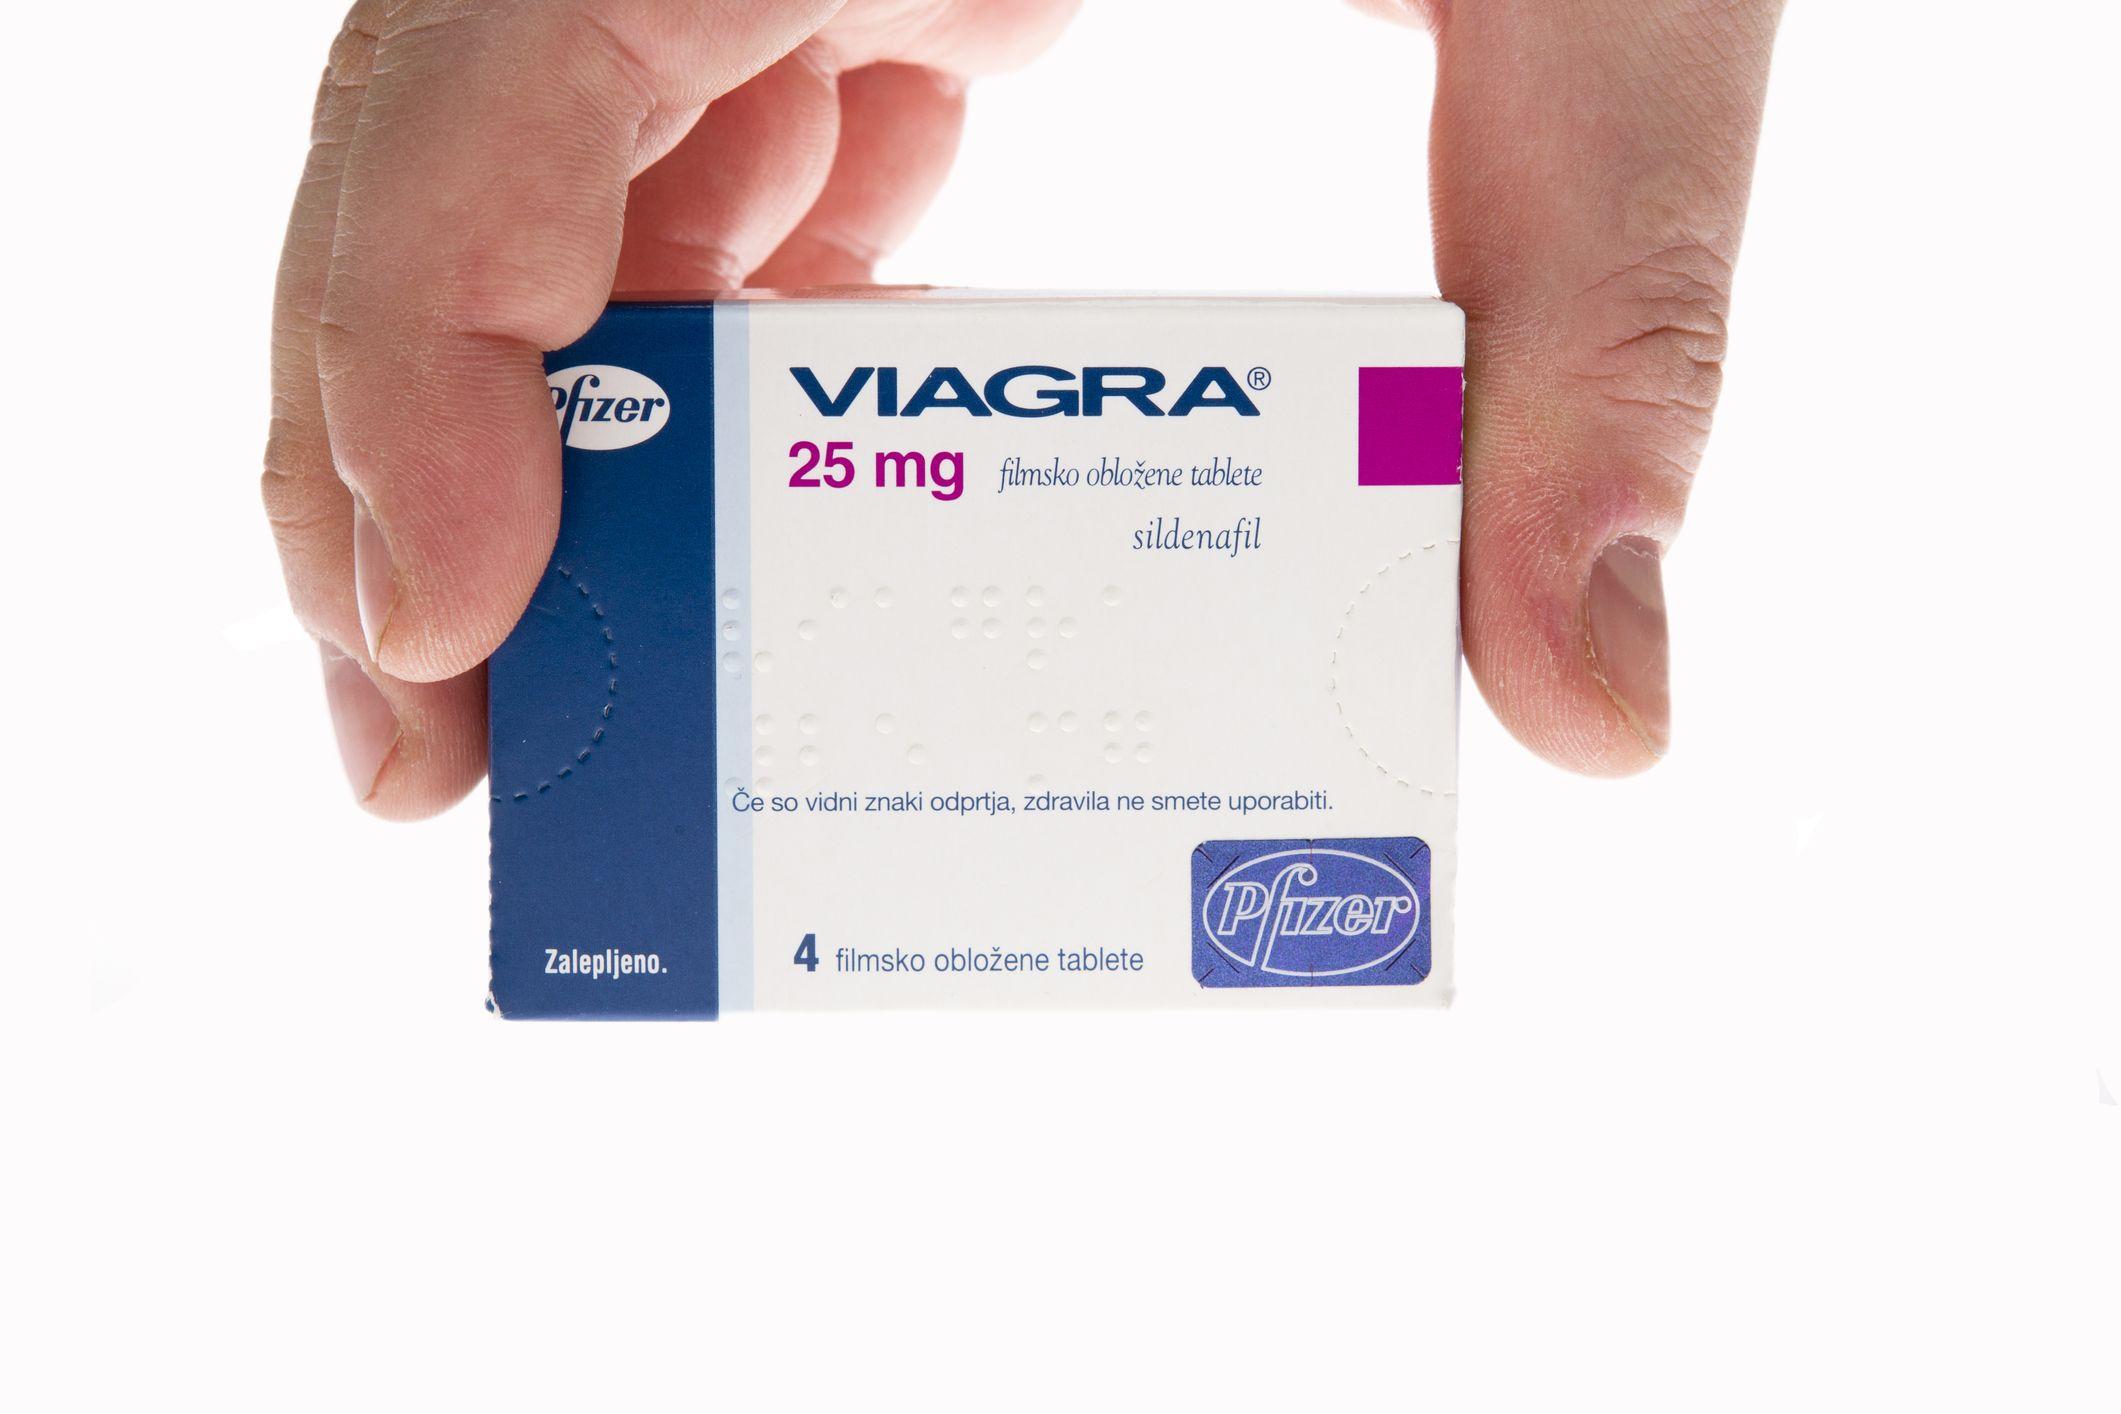 lehetséges-e szedni a Viagrát magas vérnyomás esetén